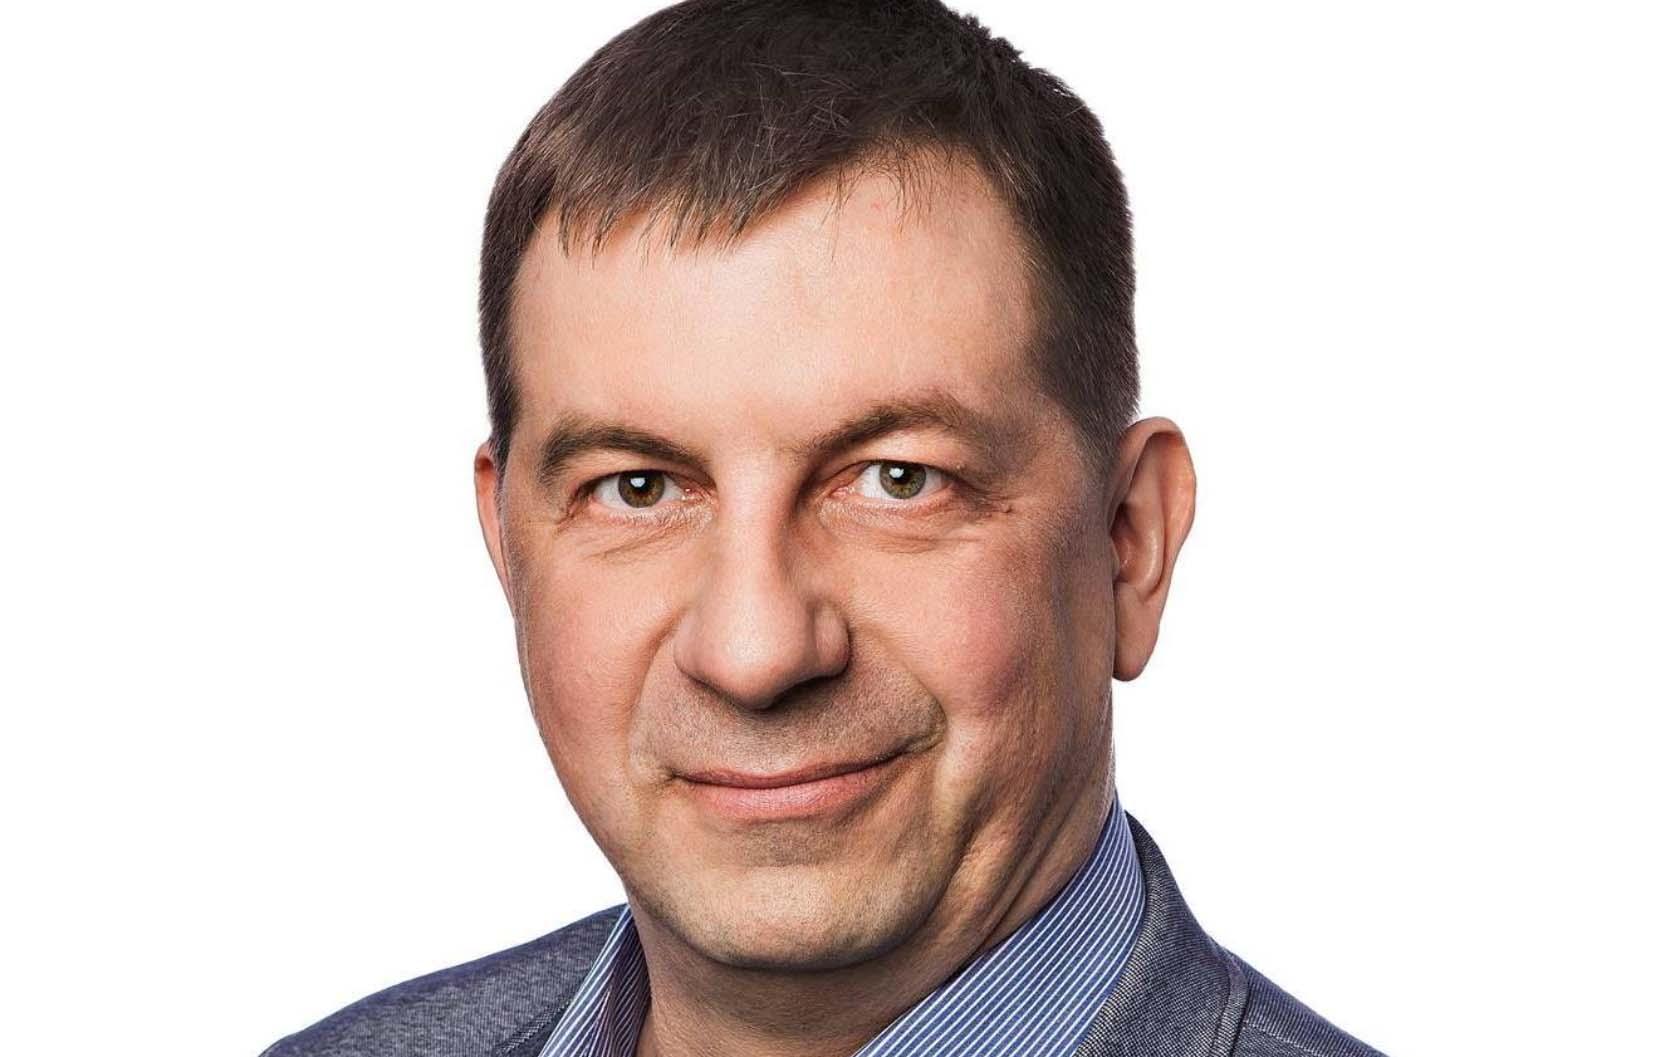 Vladas Radvilavičius: Ma olen lihtsalt